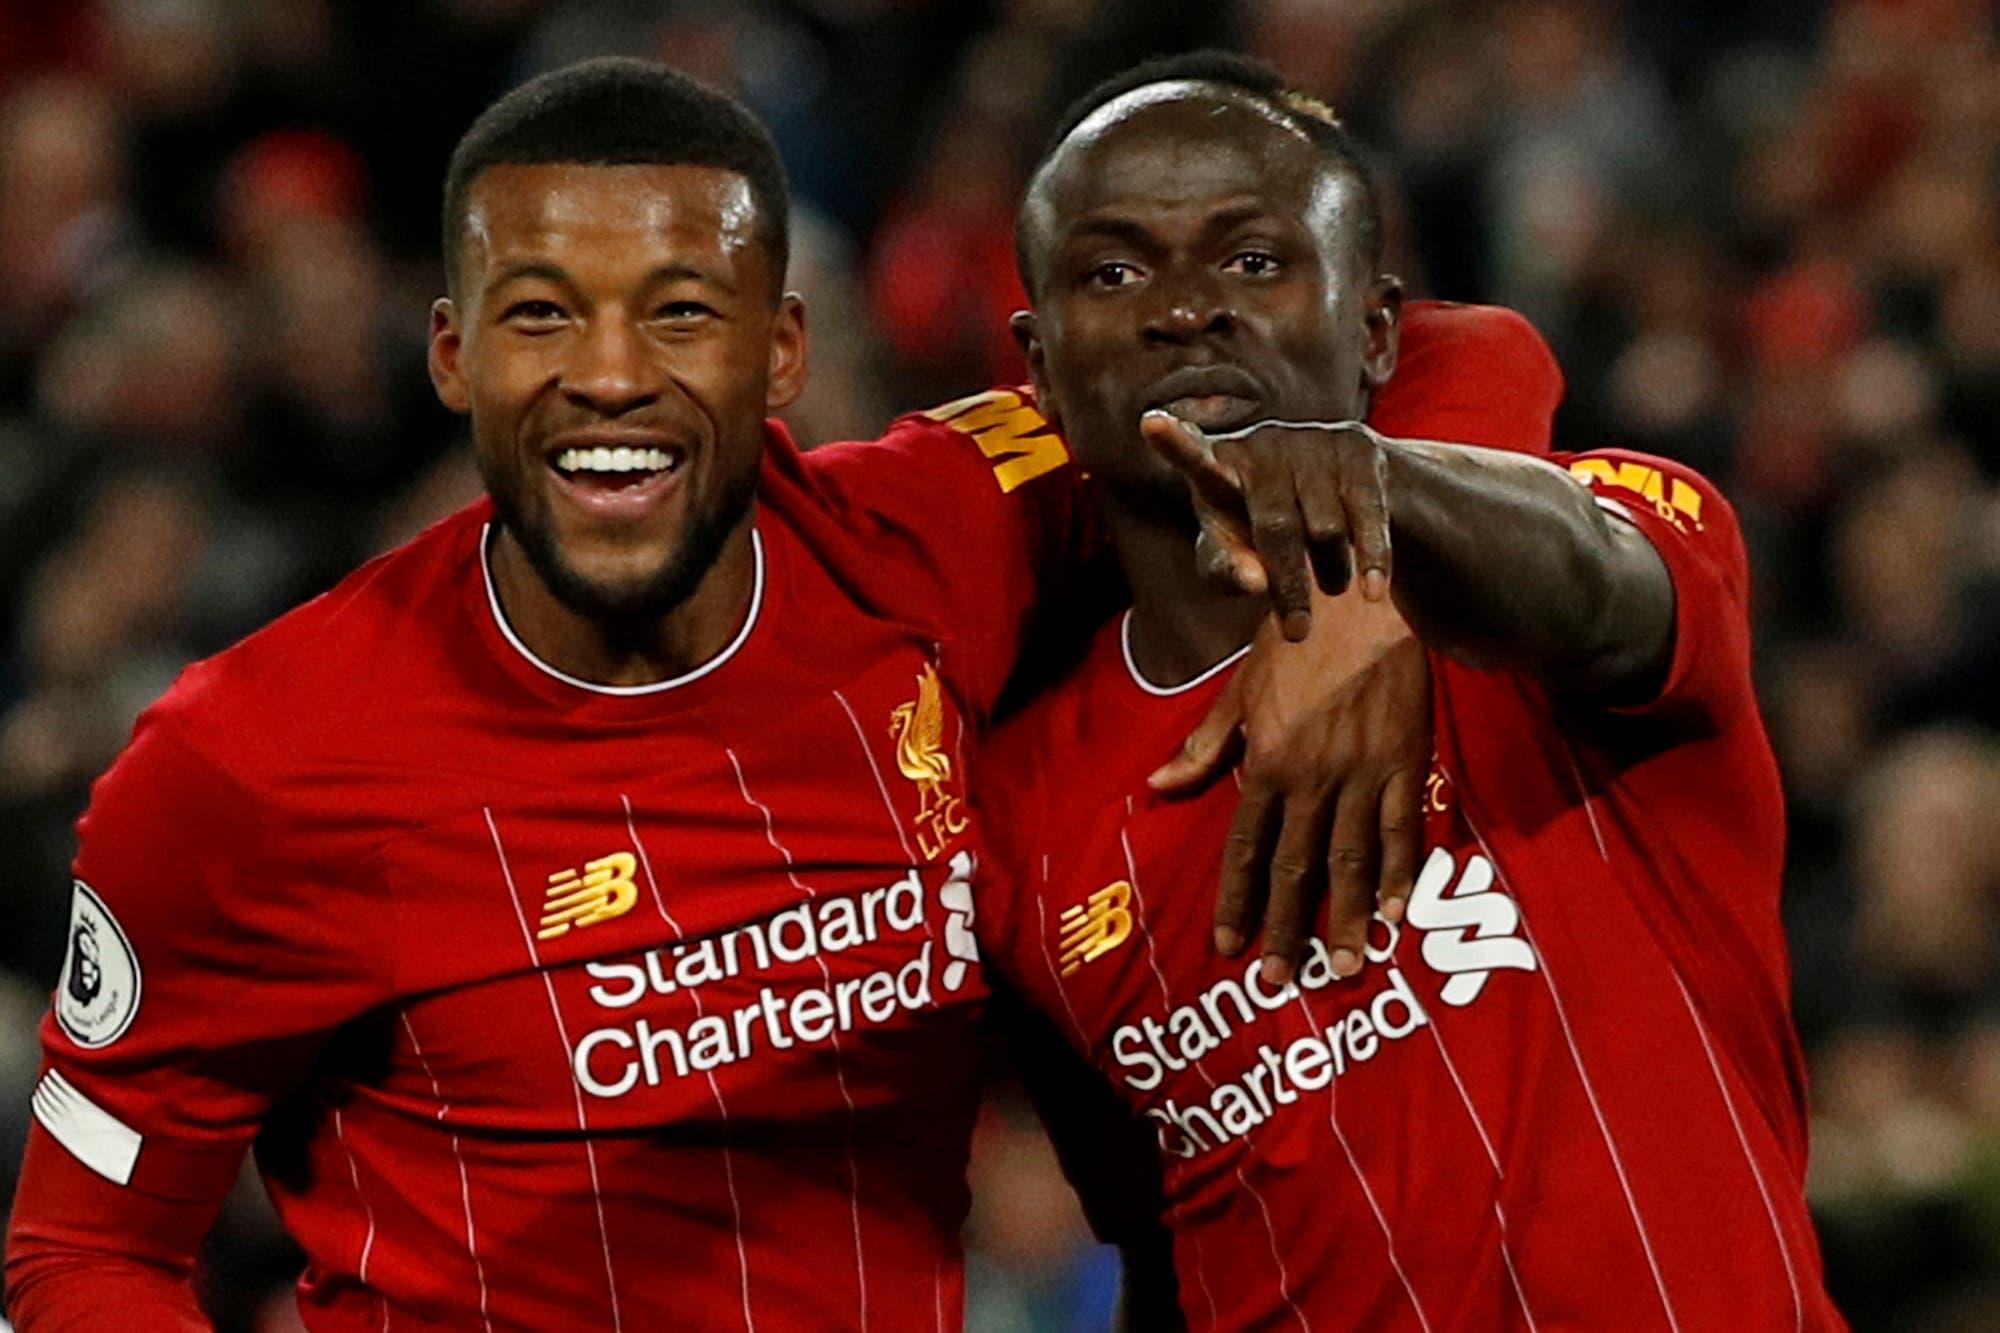 Liverpool llegó a los 18 triunfos seguidos y reescribe los libros en la Premier League